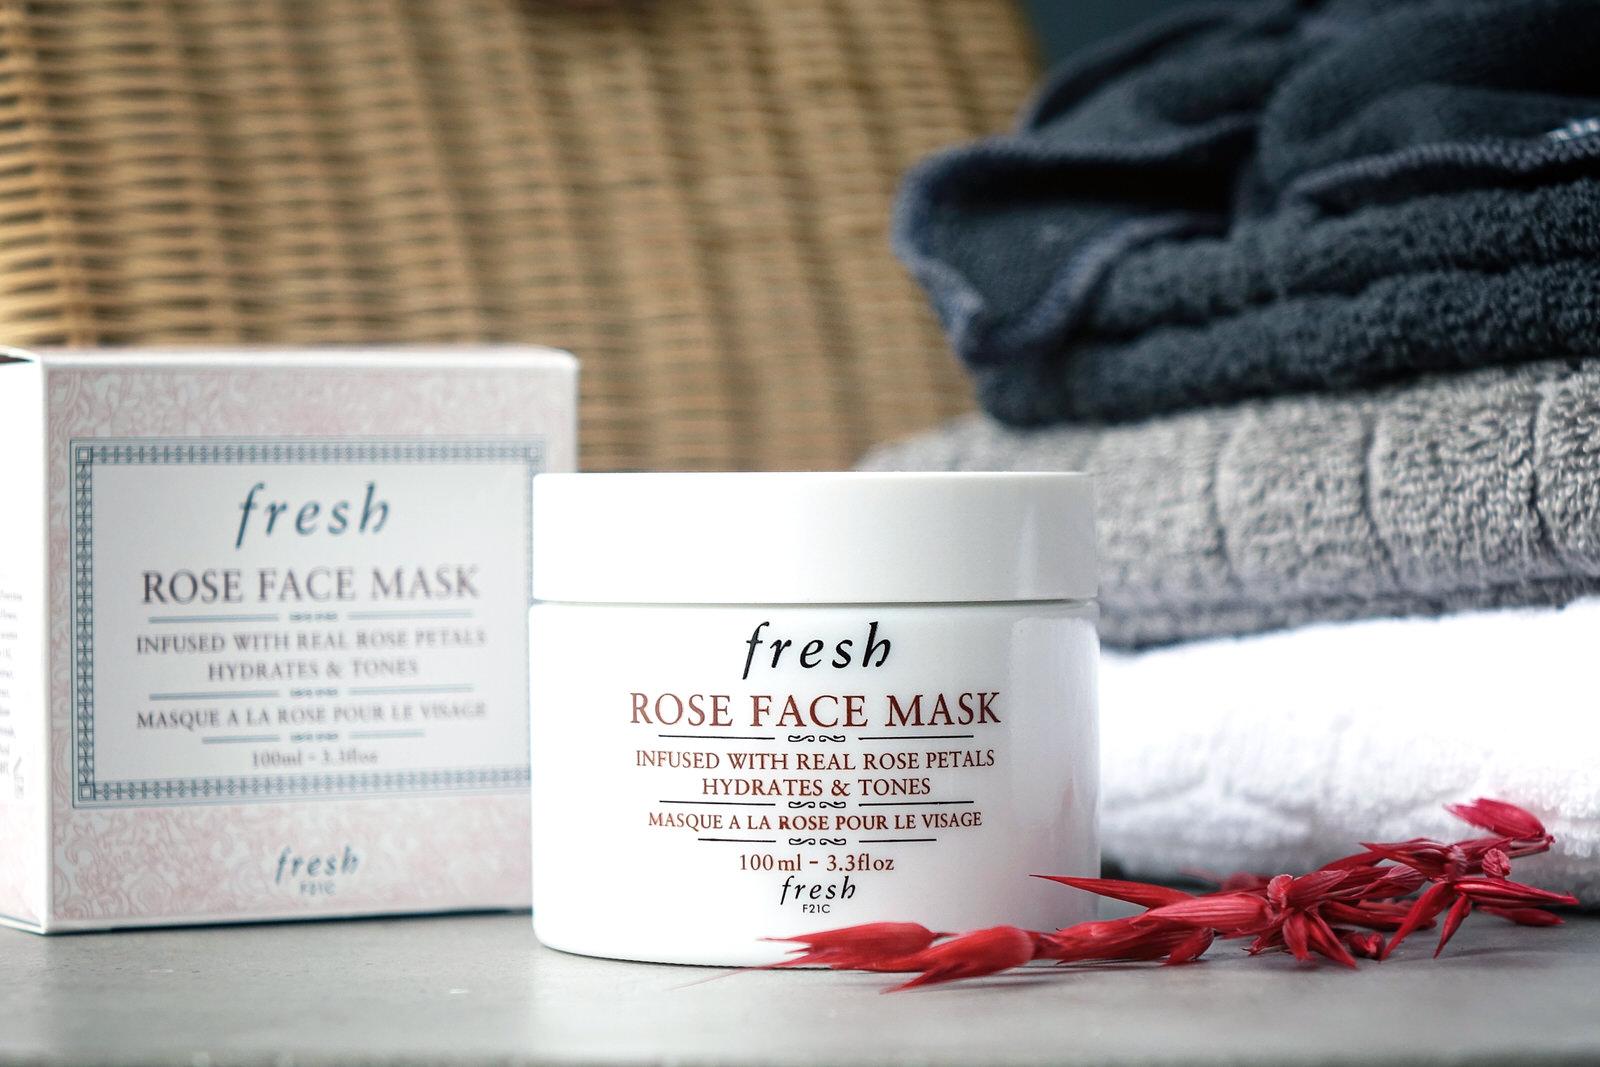 La gamme à la rose de Fresh